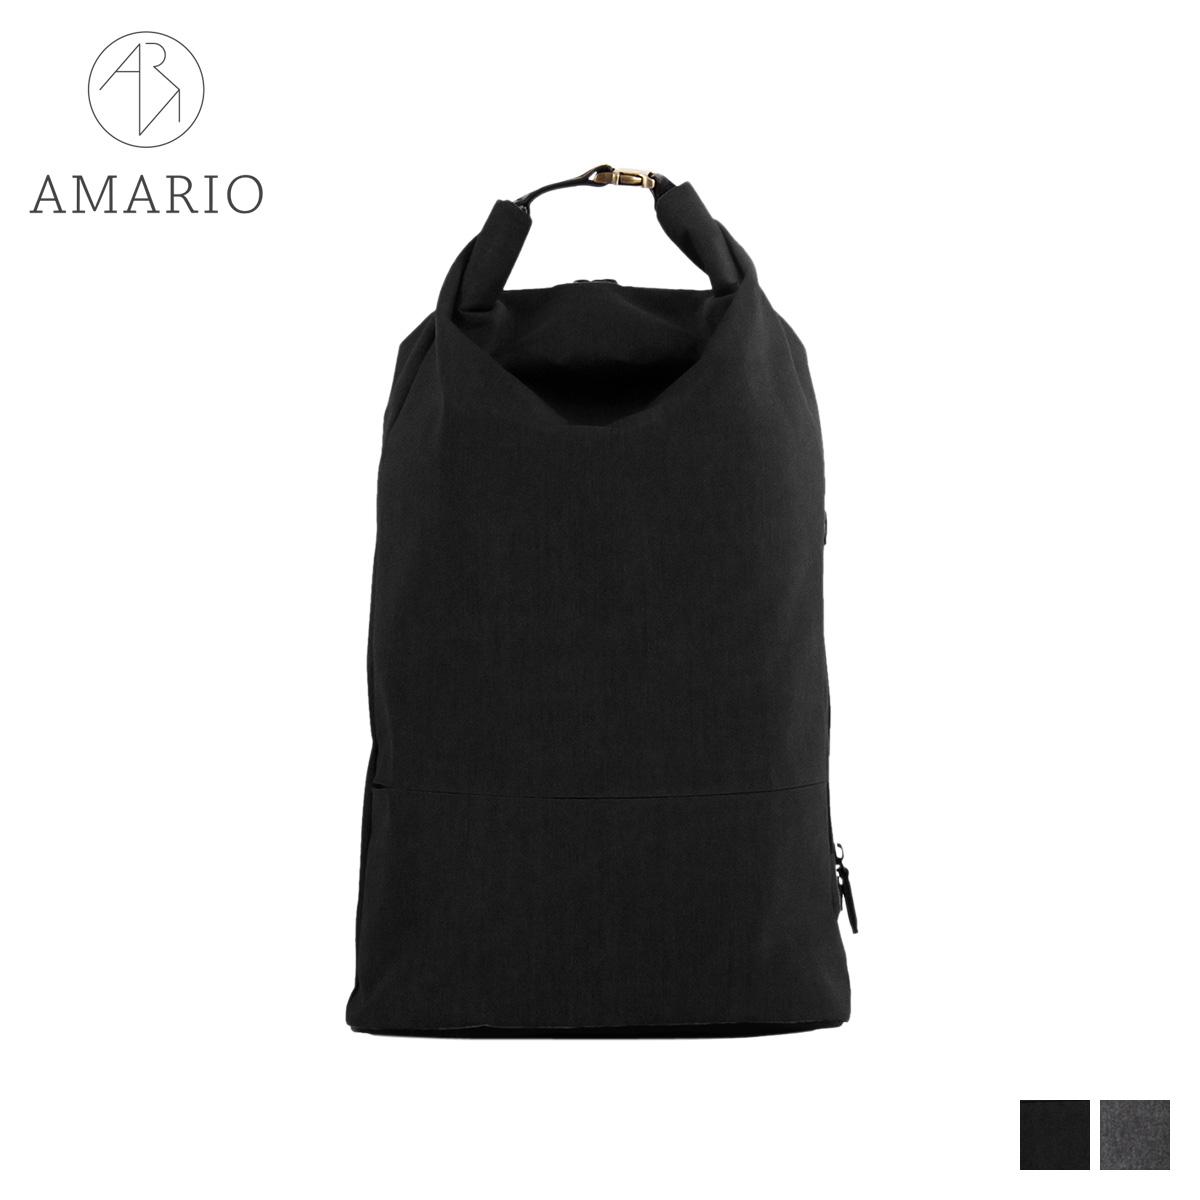 アマリオ AMARIO リュック バッグ バックパック メンズ レディース 15L CULM DAYPACK ブラック グレー 黒 CRUMDP